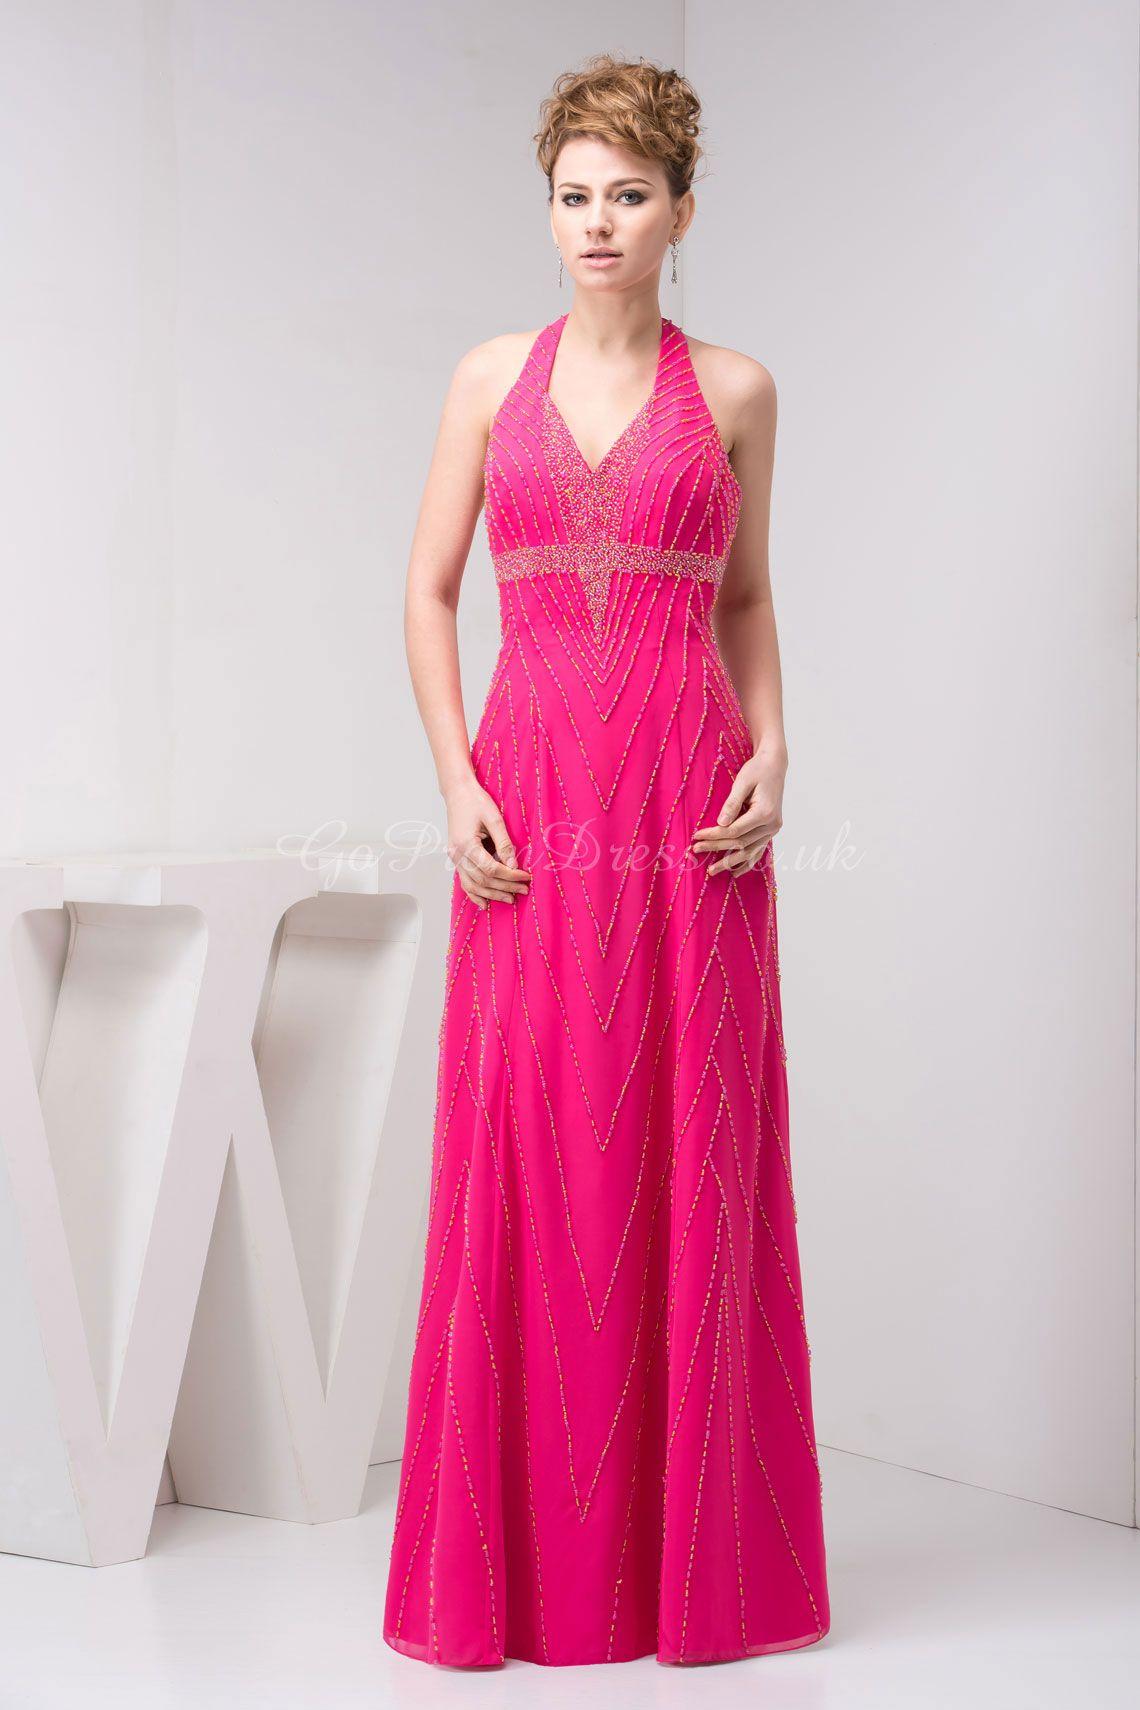 prom dress,prom dresses,prom dress,prom dresses sheath/column ...